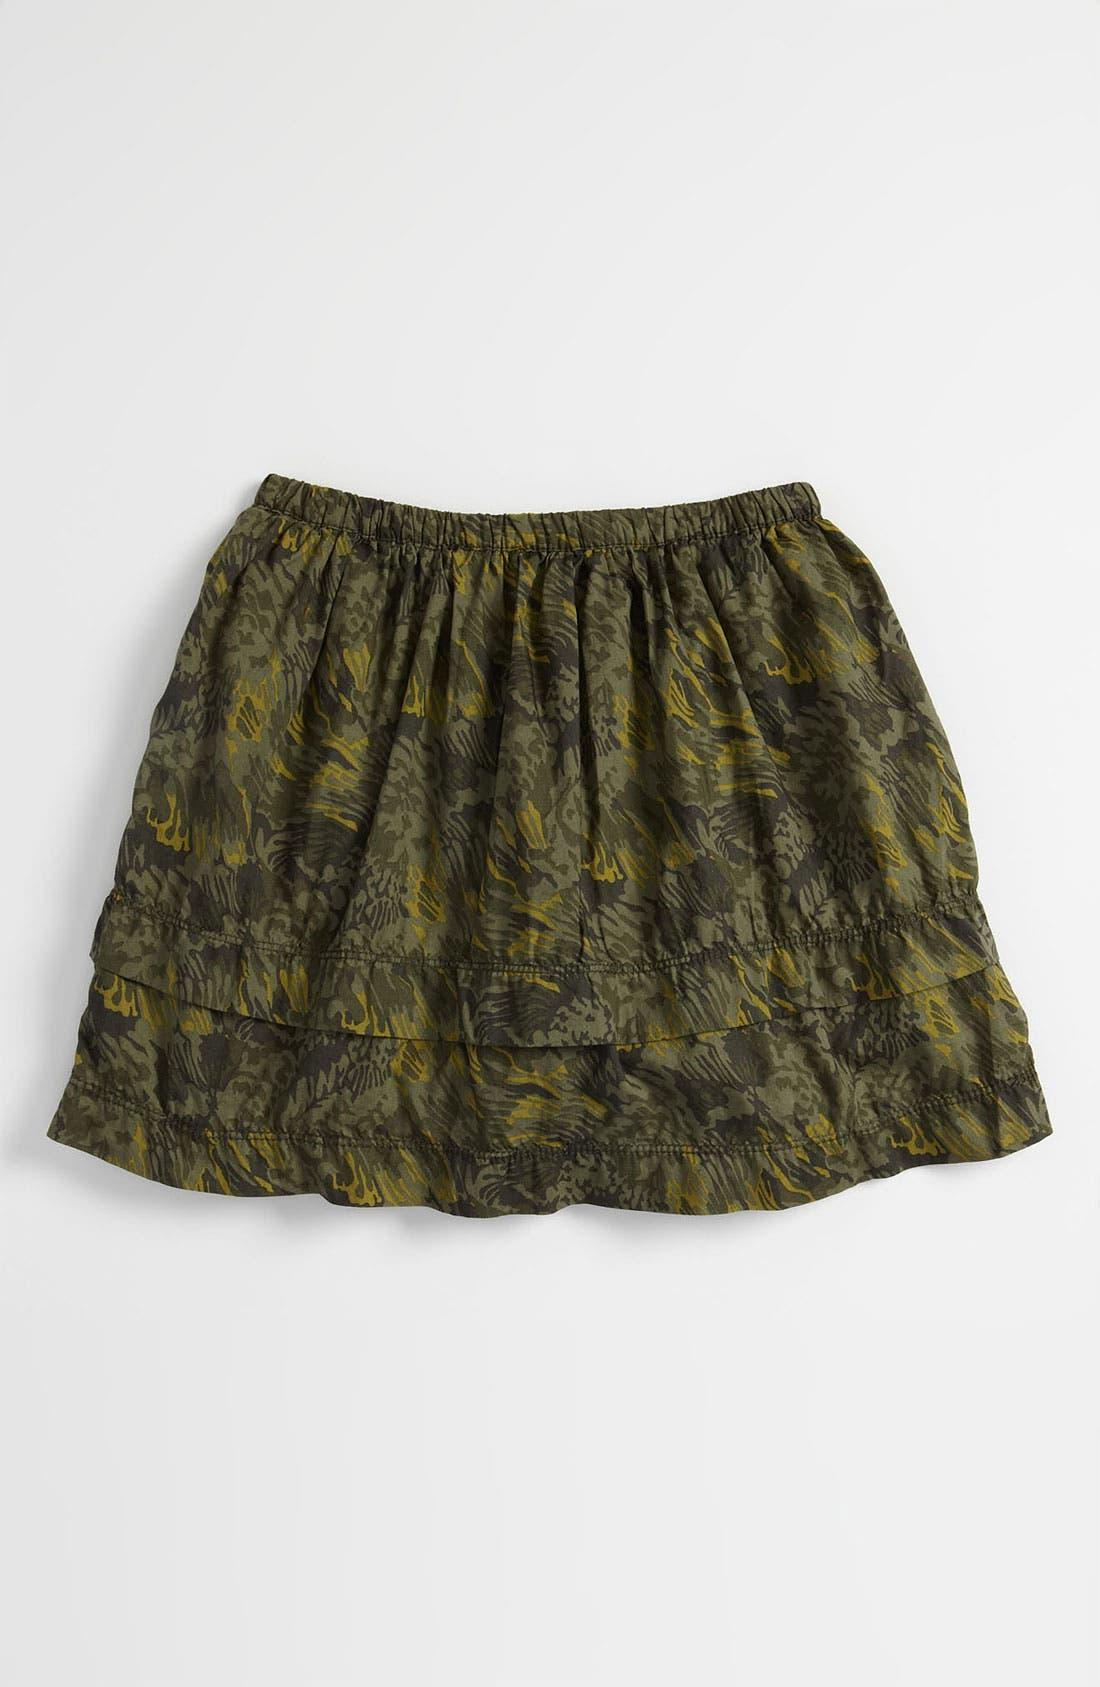 Alternate Image 1 Selected - Peek 'Pauline' Skirt (Toddler, Little Girls & Big Girls)